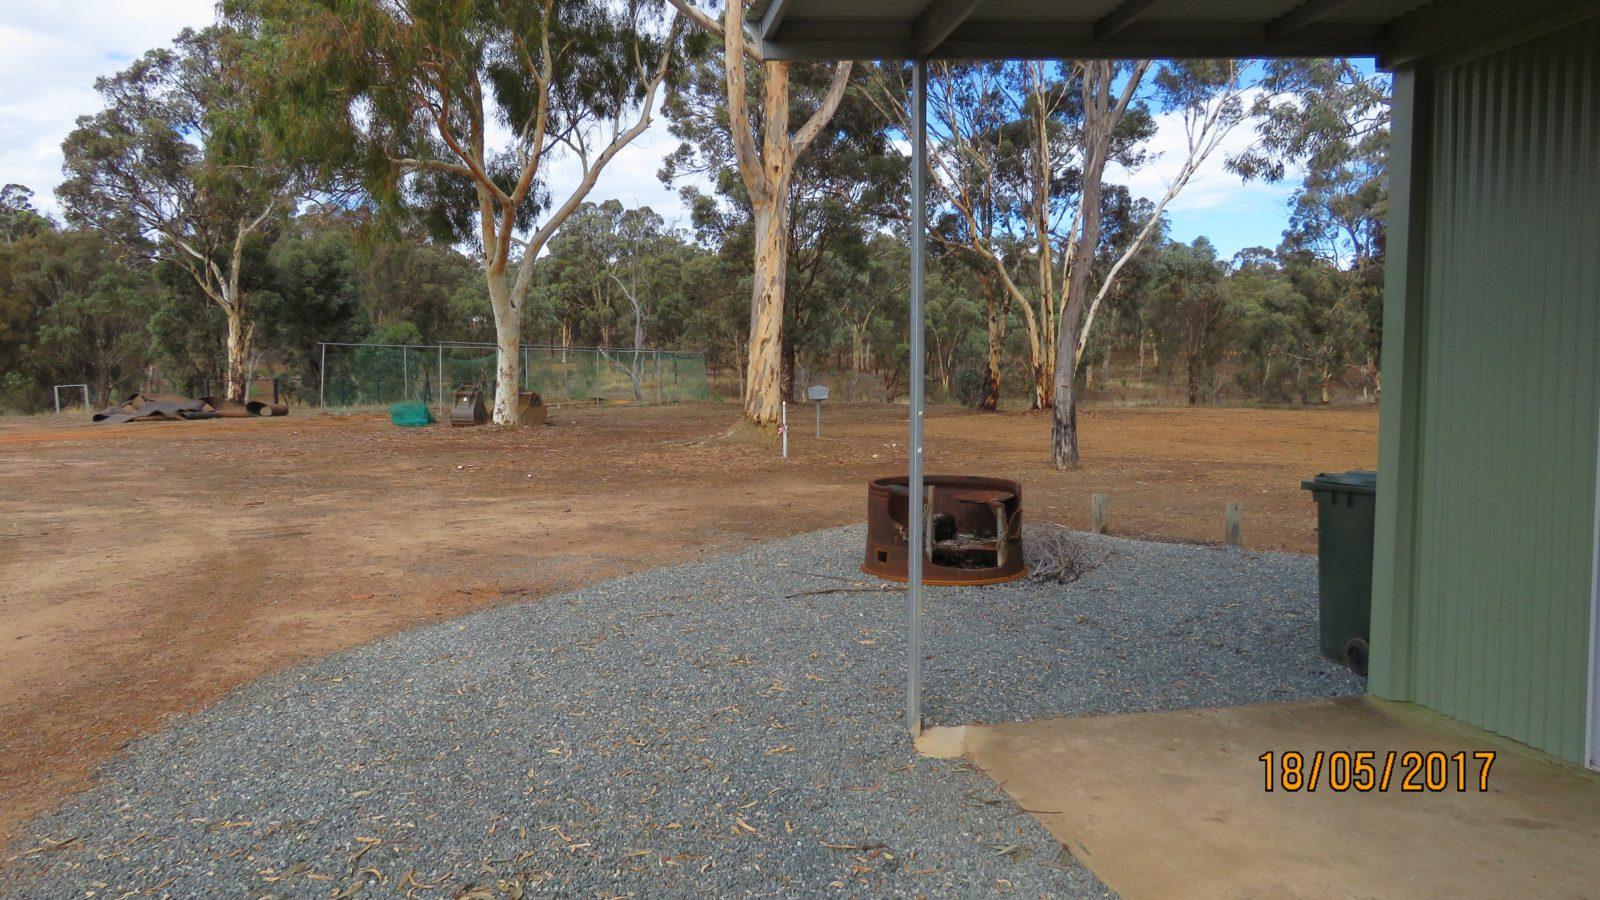 Wandering Caravan Park, Wandering, Western Australia